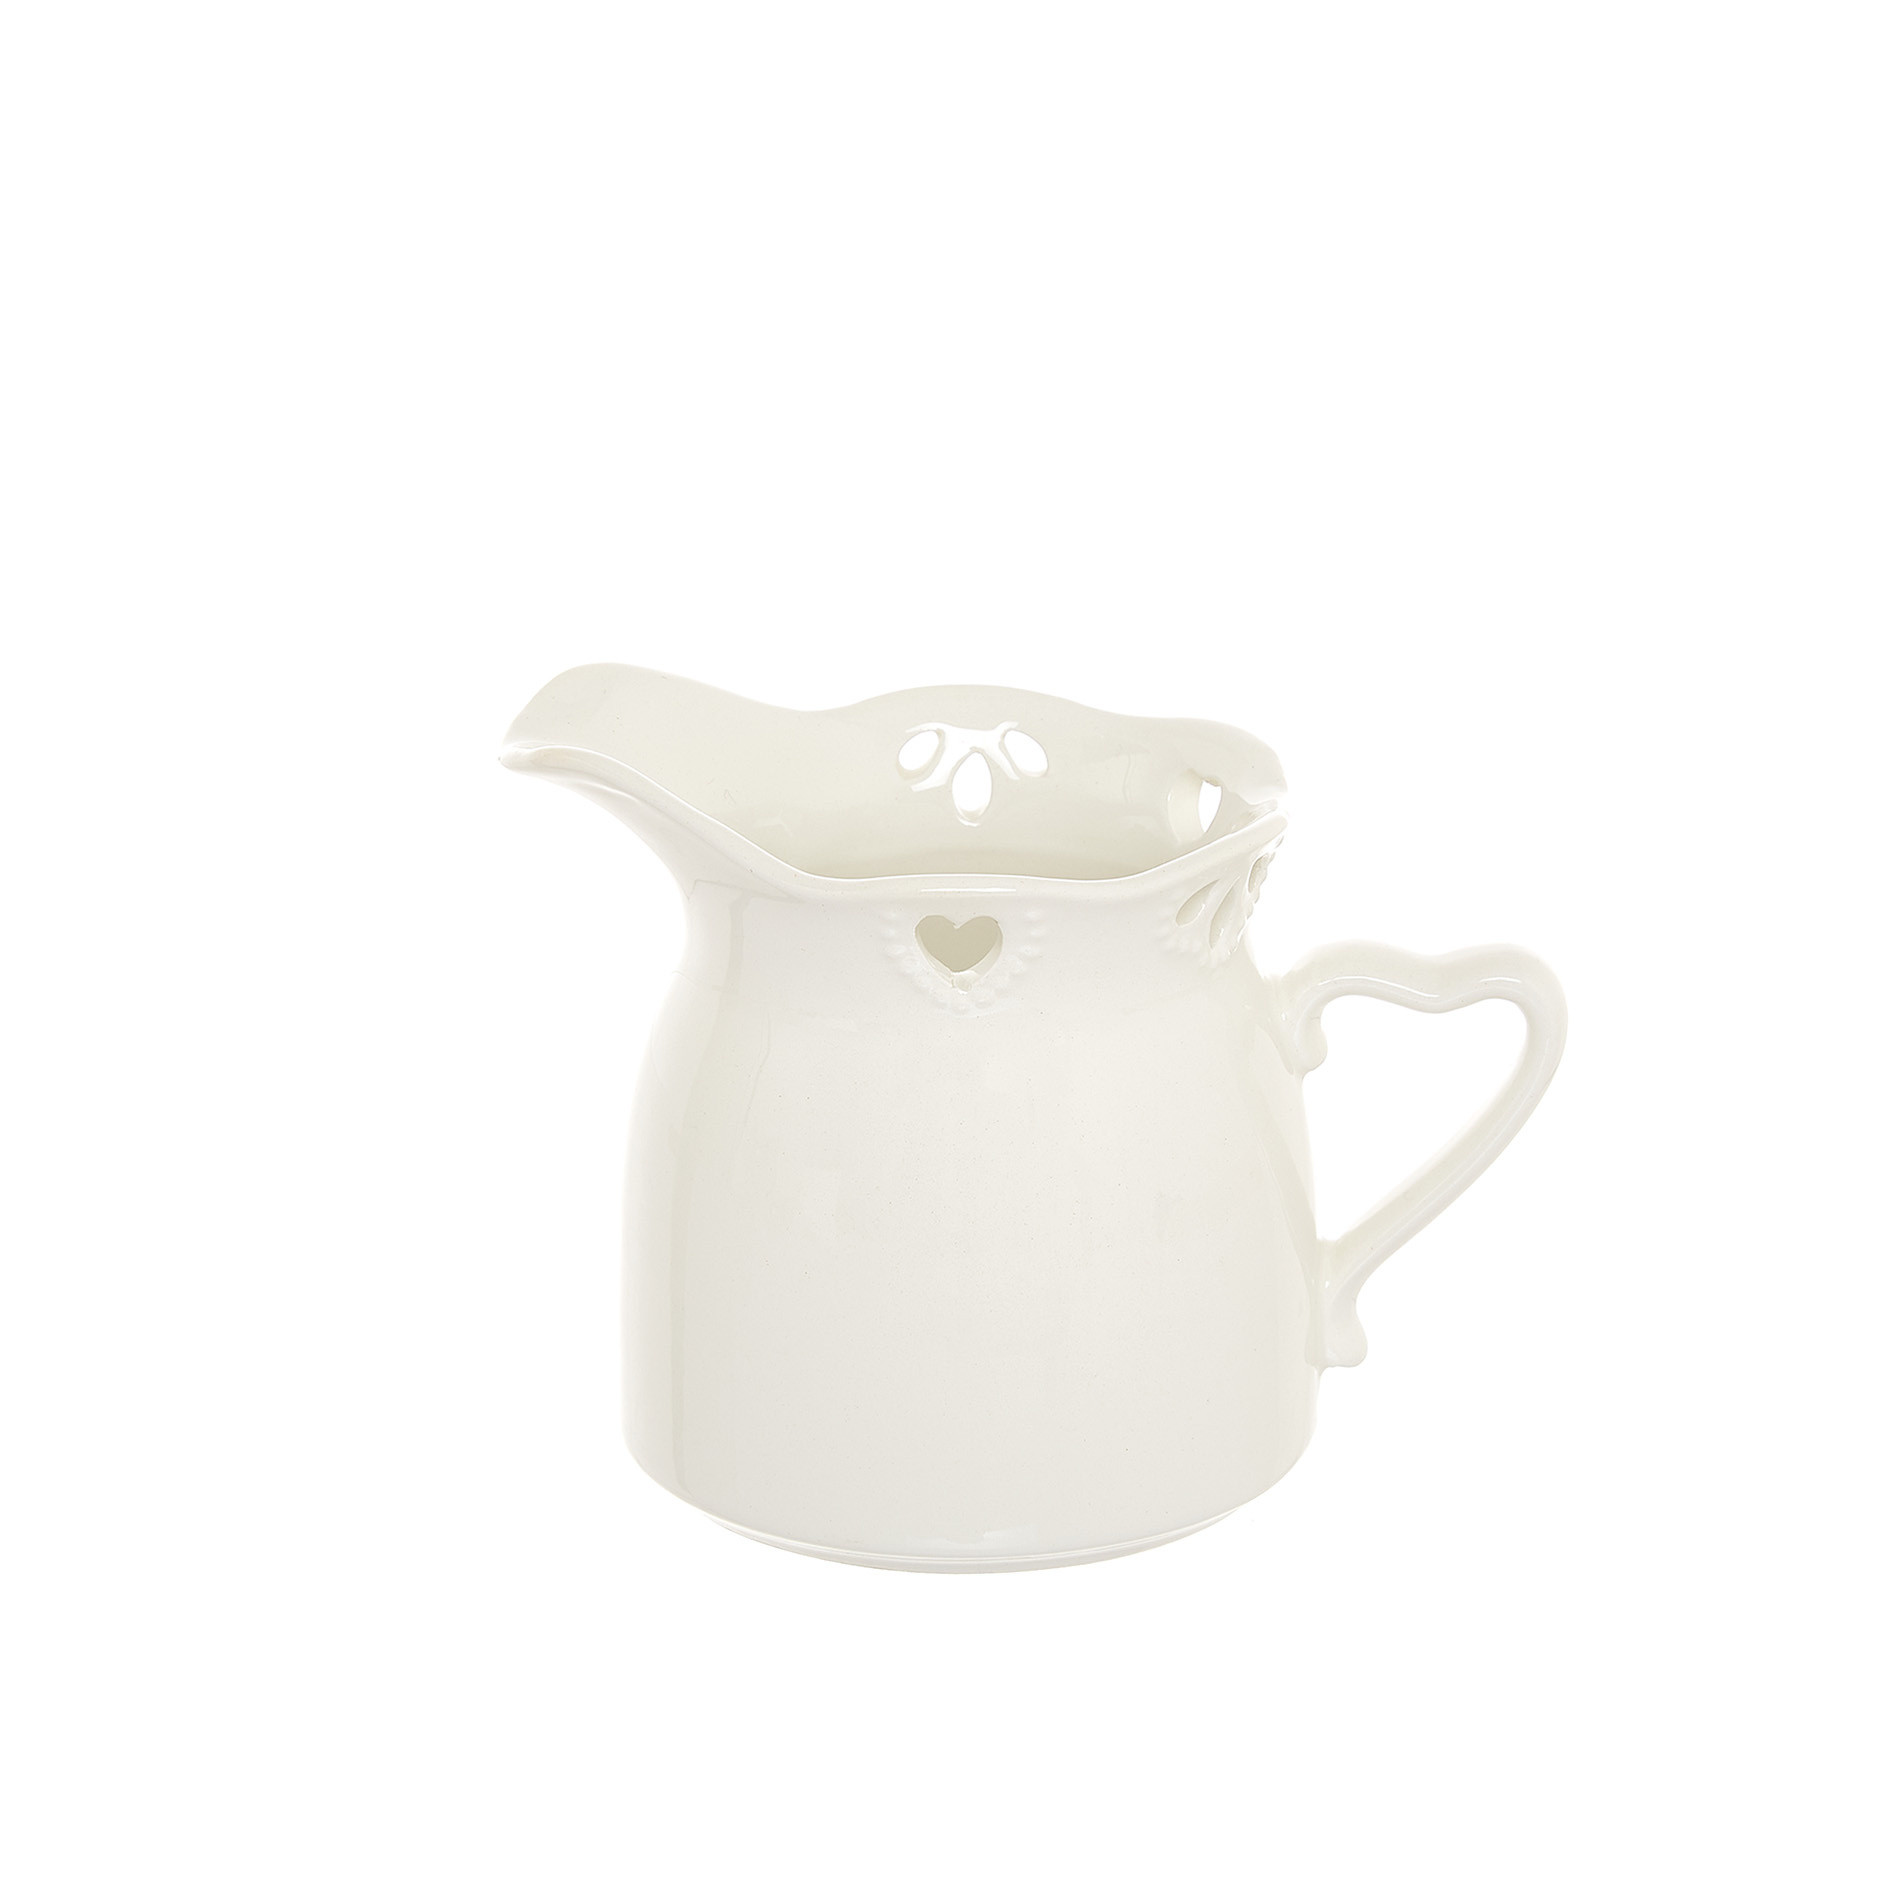 Lattiera ceramica traforata, Bianco, large image number 0